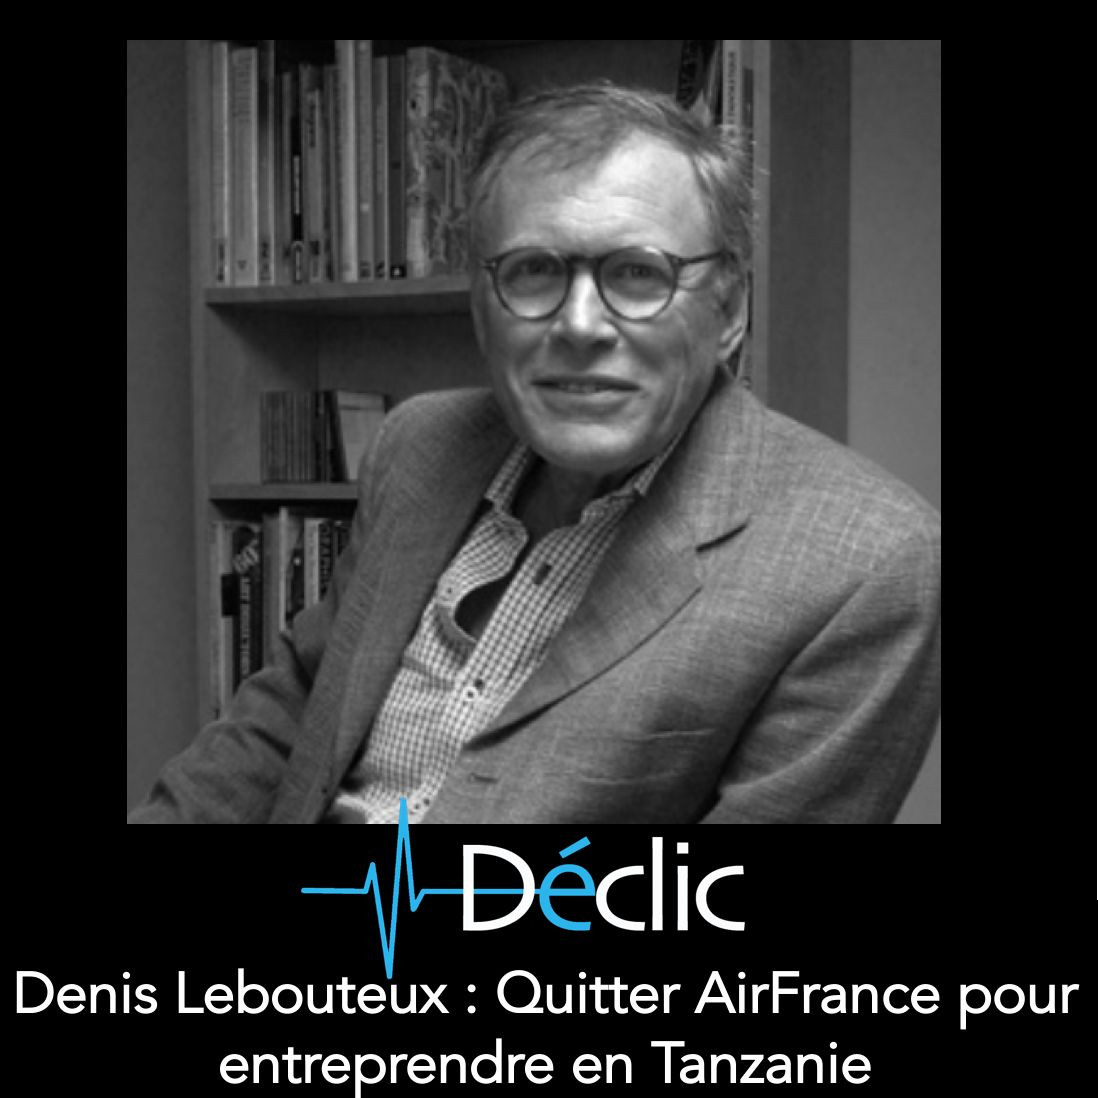 #16 Denis Lebouteux : Quitter AirFrance pour entreprendre en Tanzanie